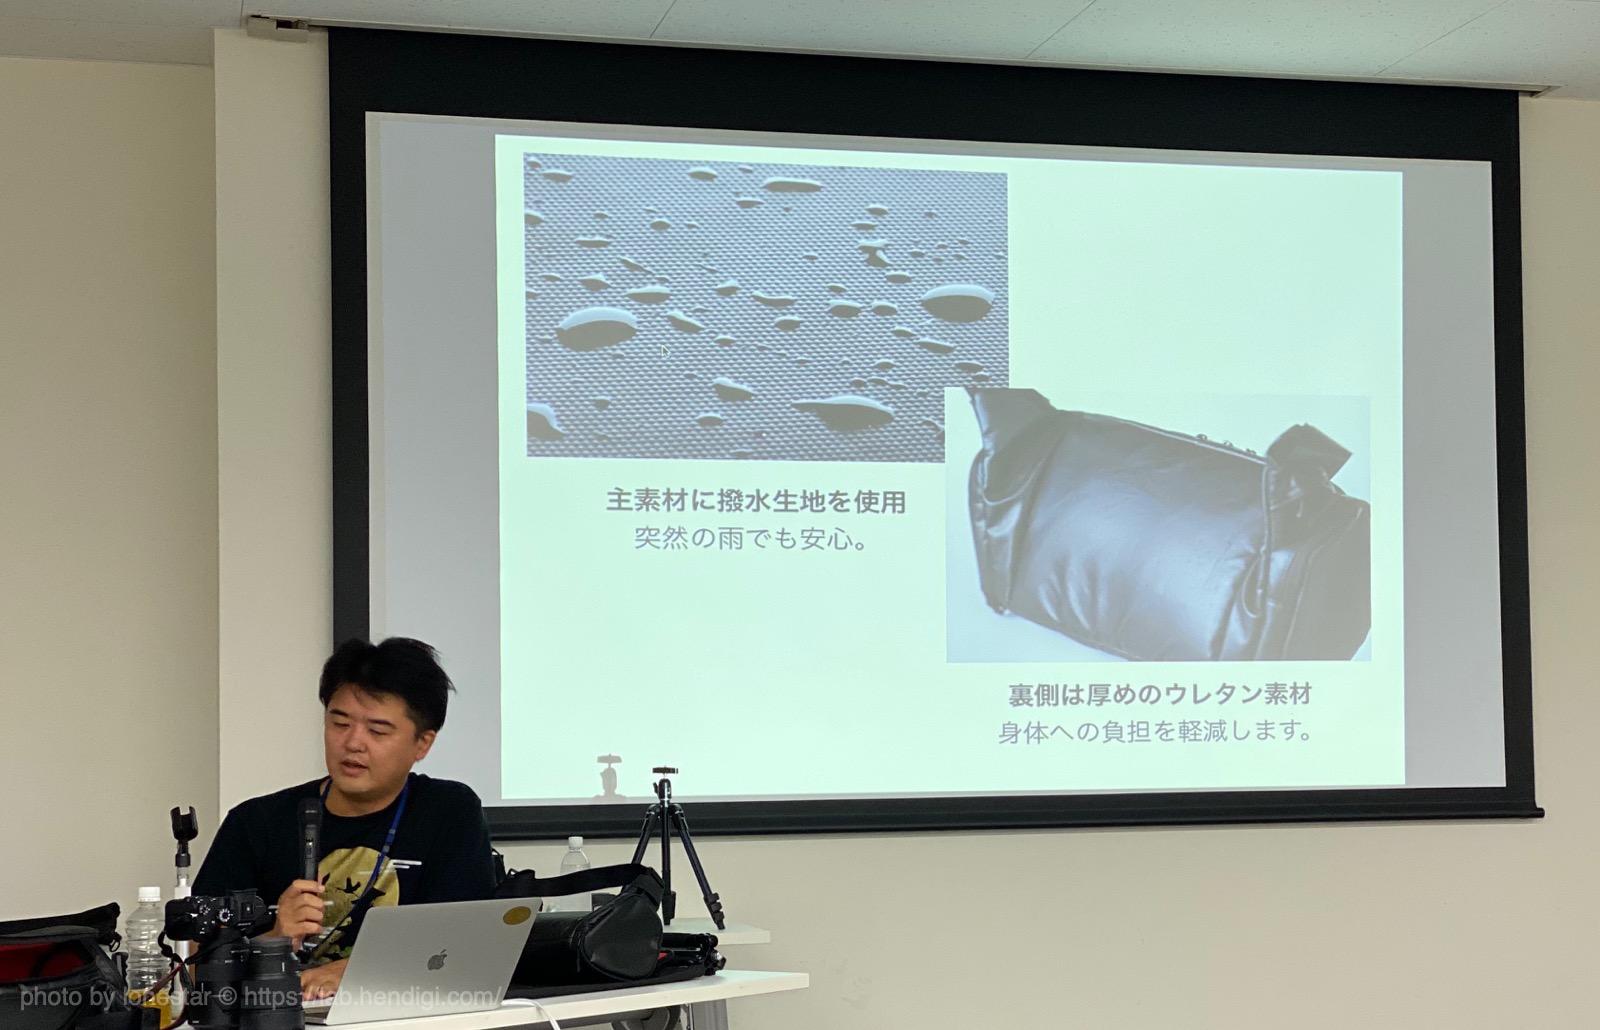 例のカメラバッグ 素材